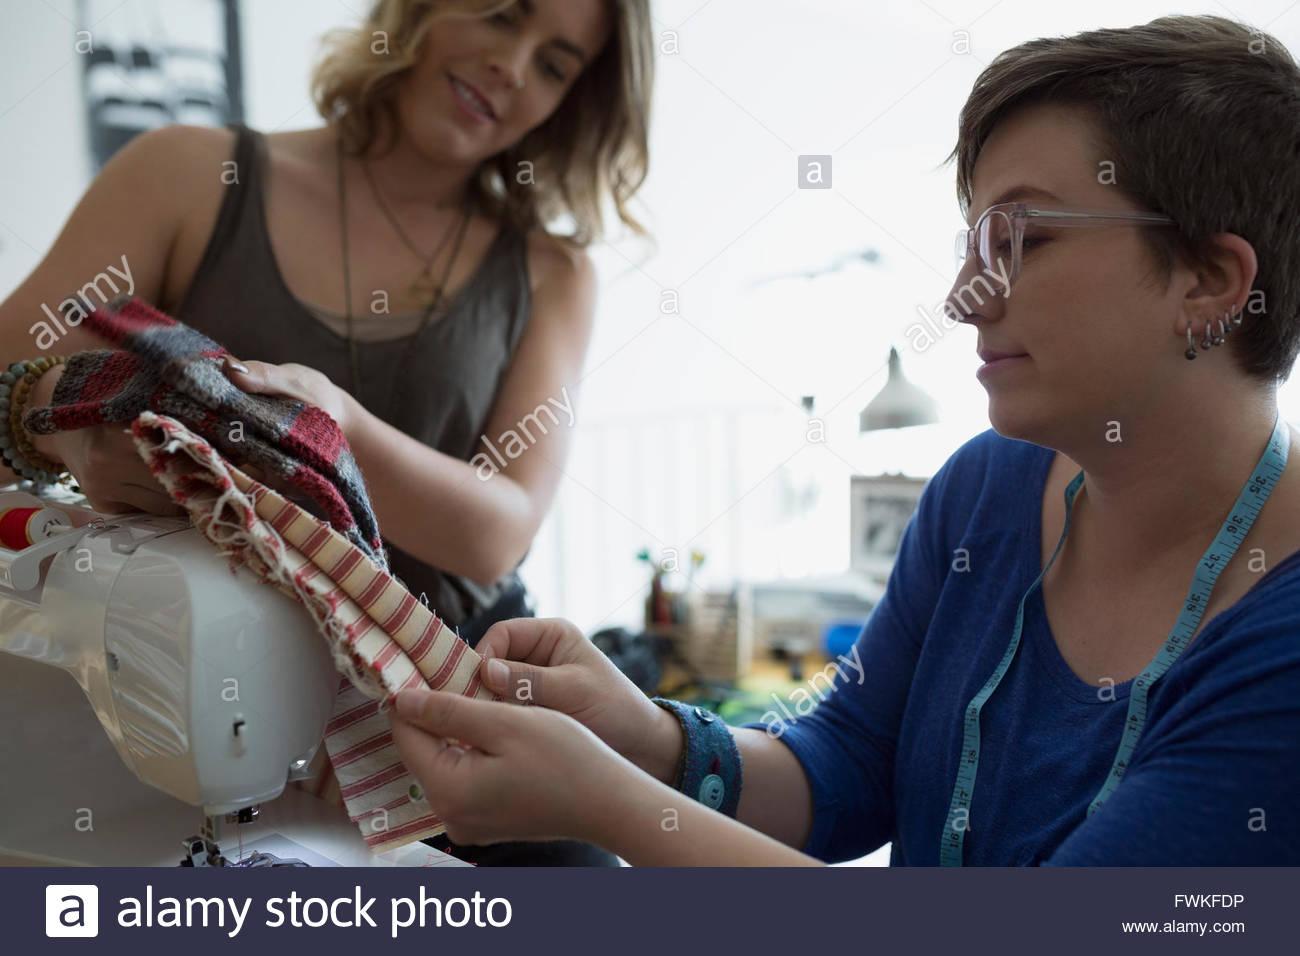 Seamstresses examining fabric at sewing machine - Stock Image